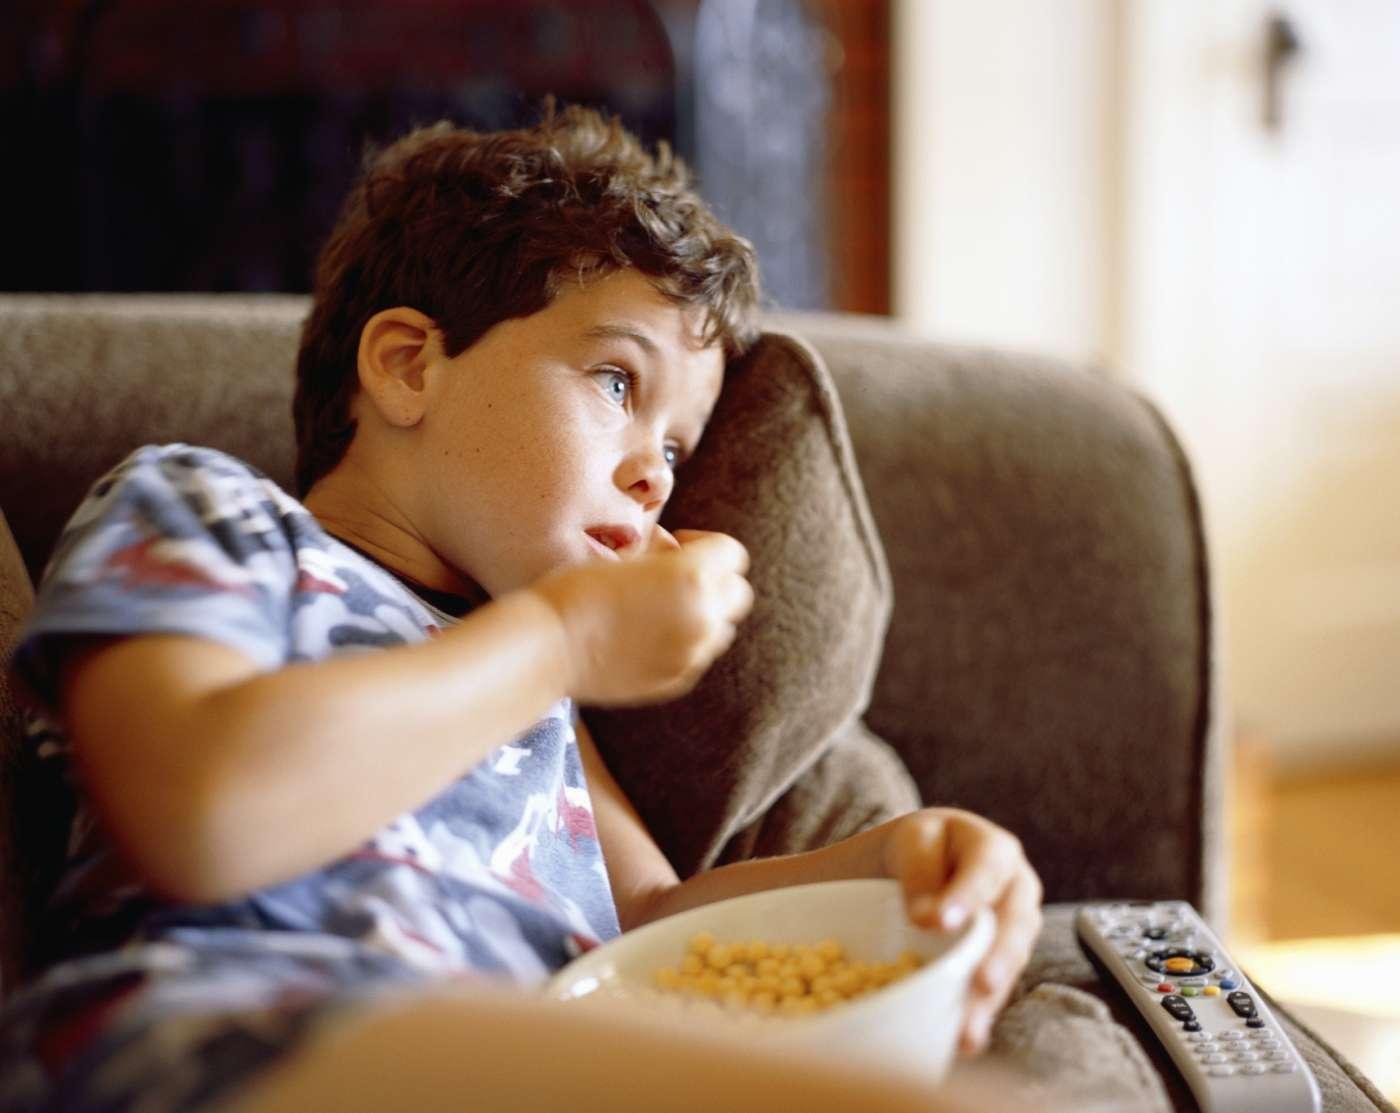 Les publicités auxquels sont confrontés adultes et enfants influencent significativement les comportements alimentaires et, hélas, pas dans le bon sens. © bttoro, Istock.com